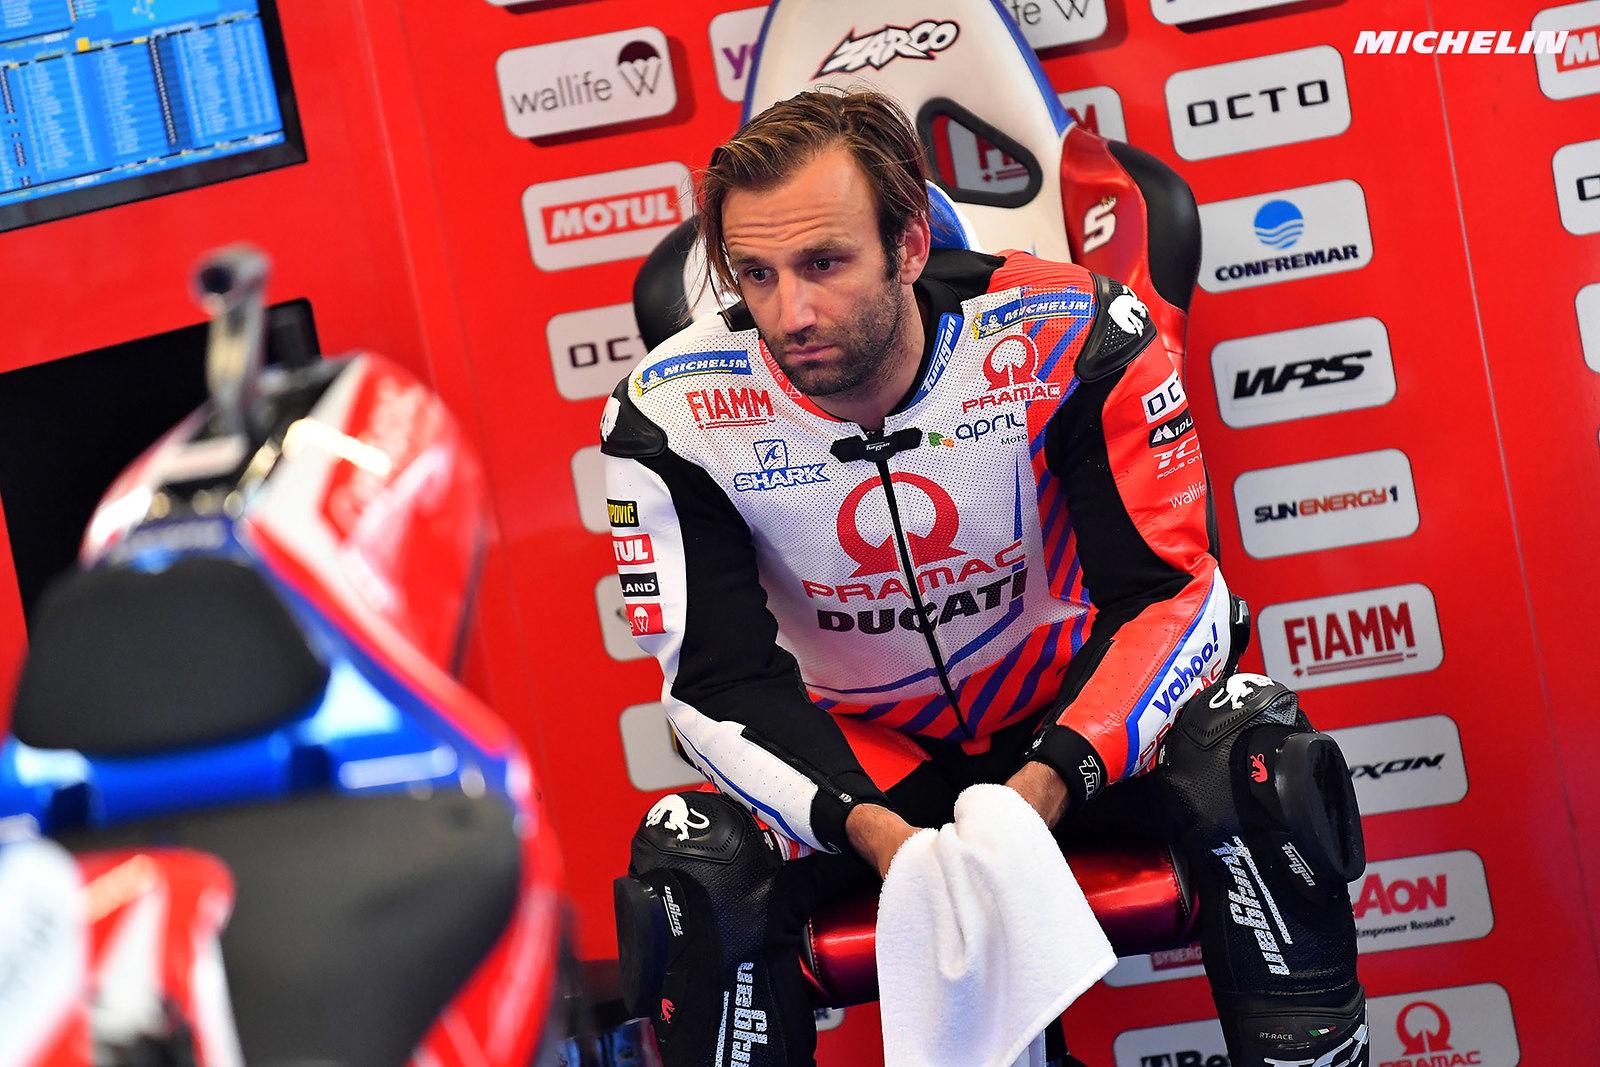 MotoGP2021 オランダGP 総合8位ヨハン・ザルコ「FP1からスピードがあることはわかっていた」